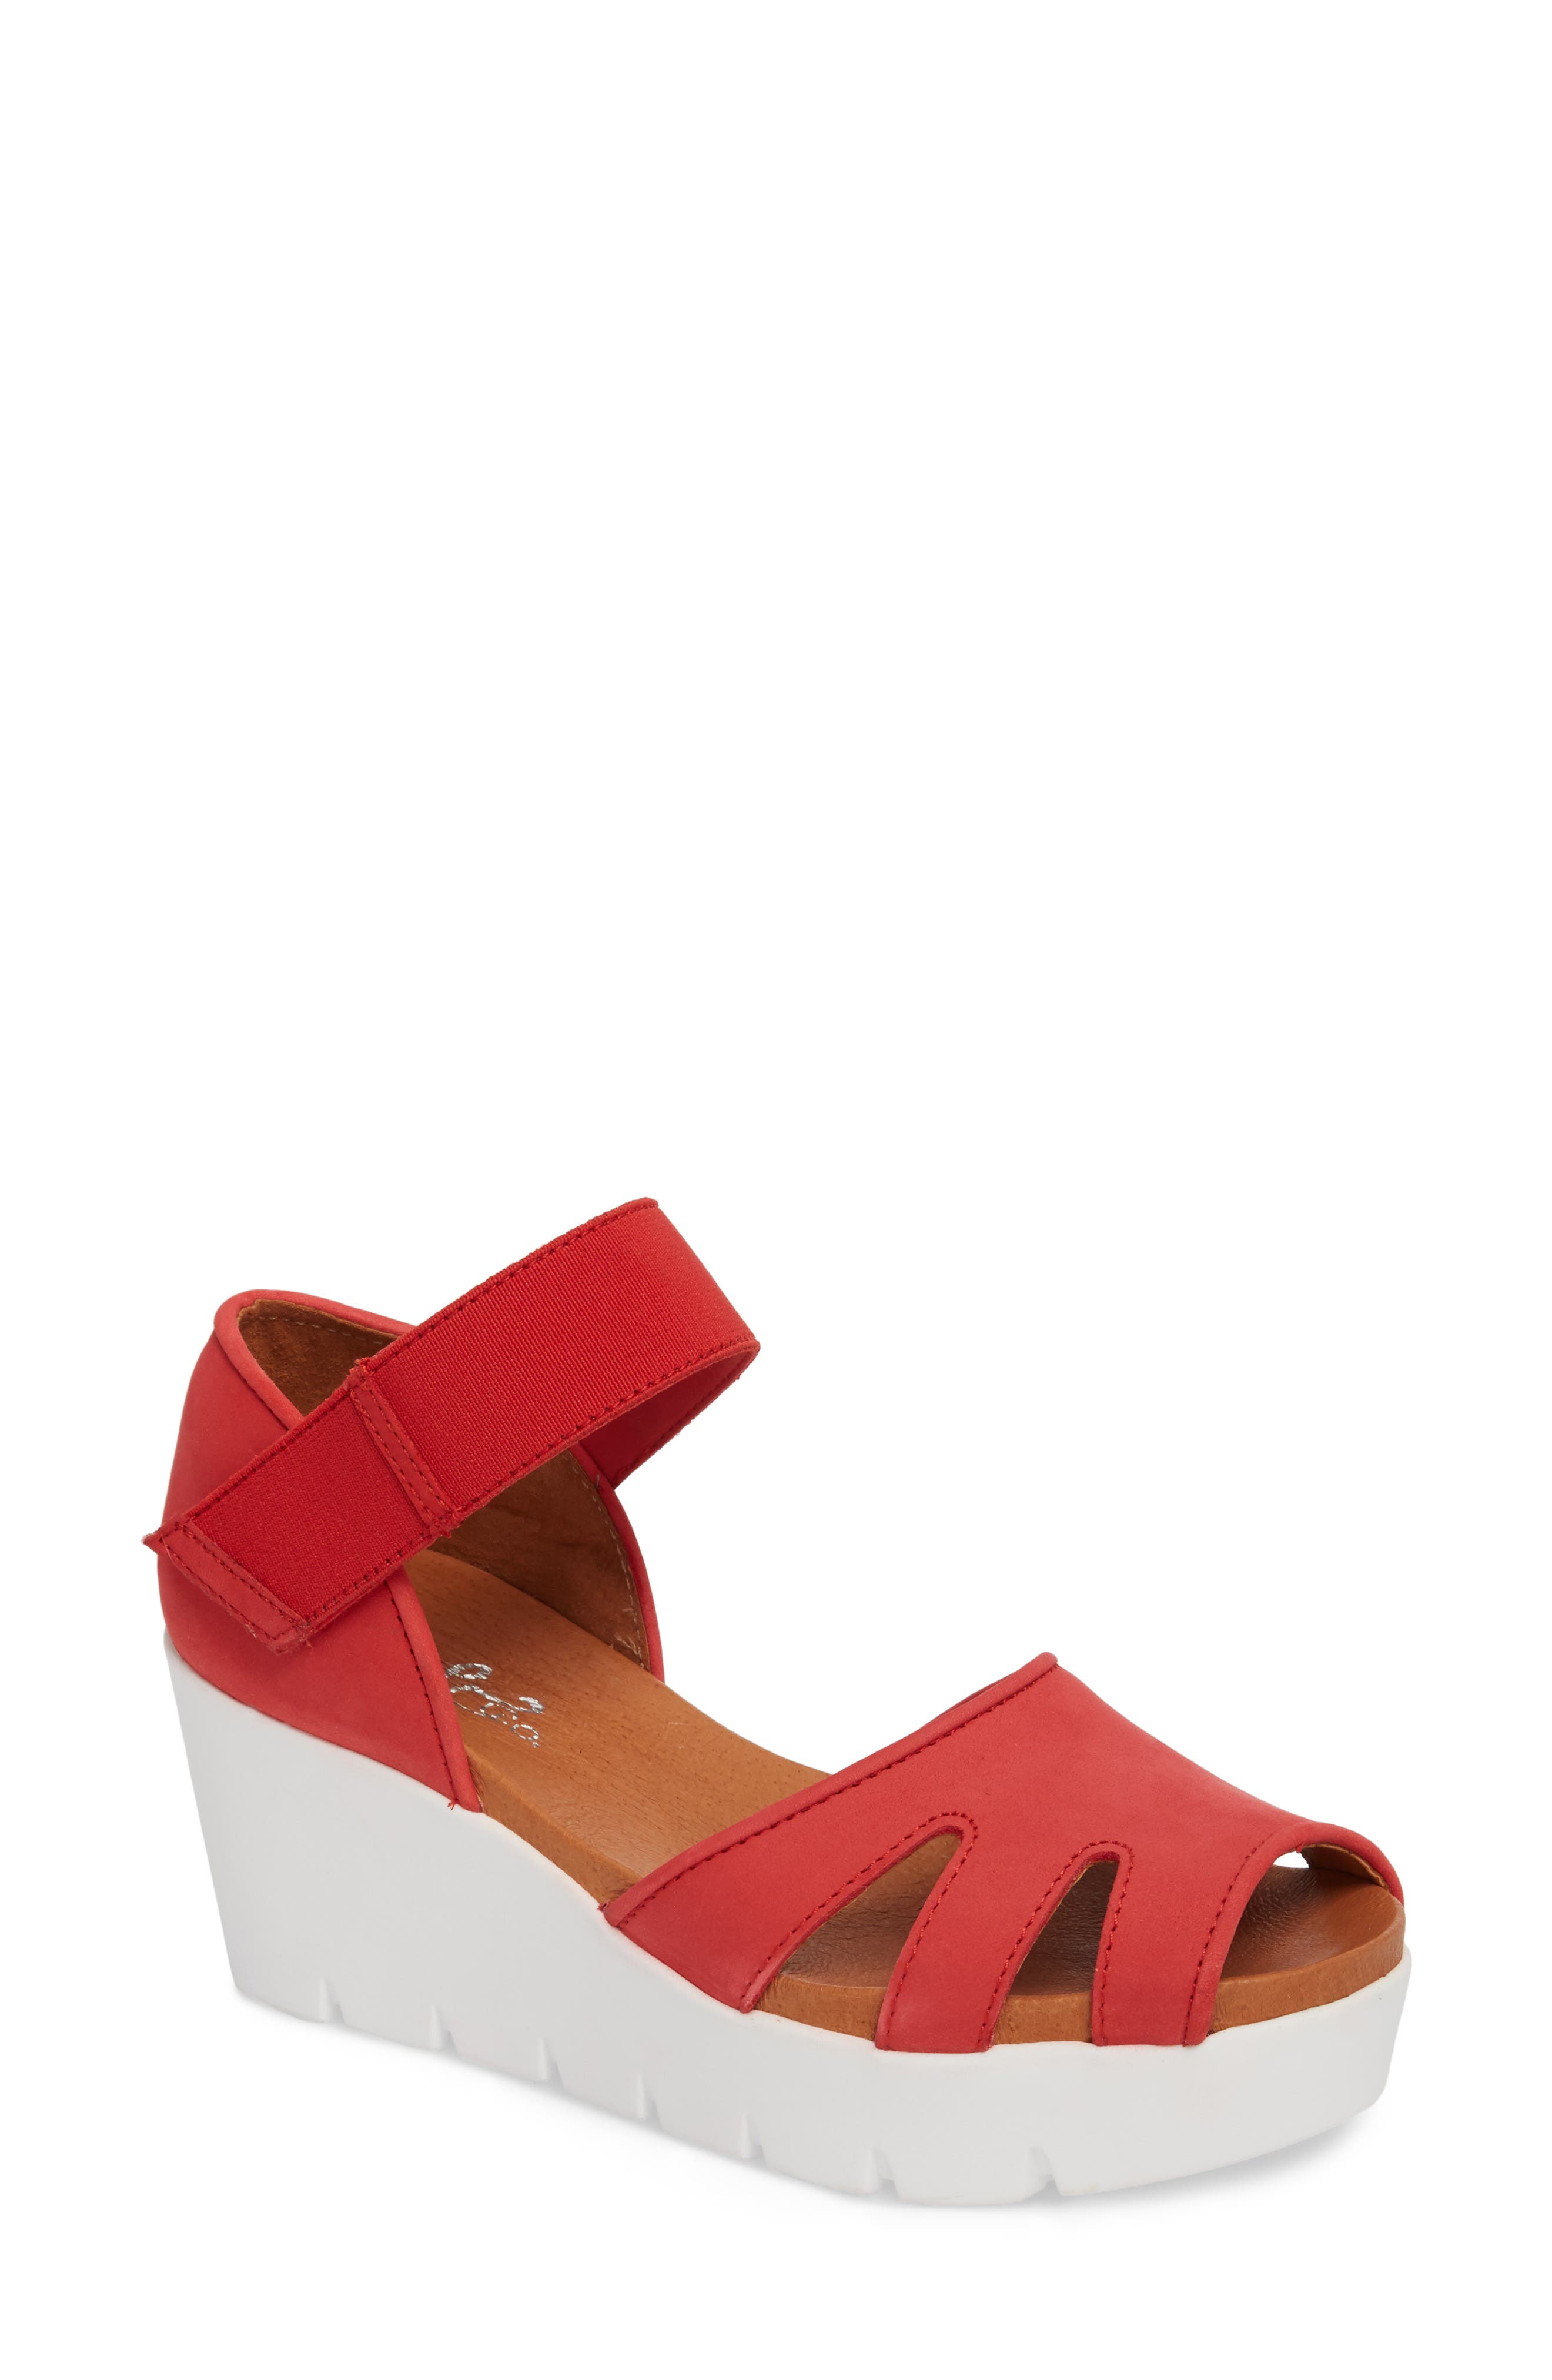 Sharon Platform Wedge Sandal,                         Main,                         color, Red Nubuck Leather